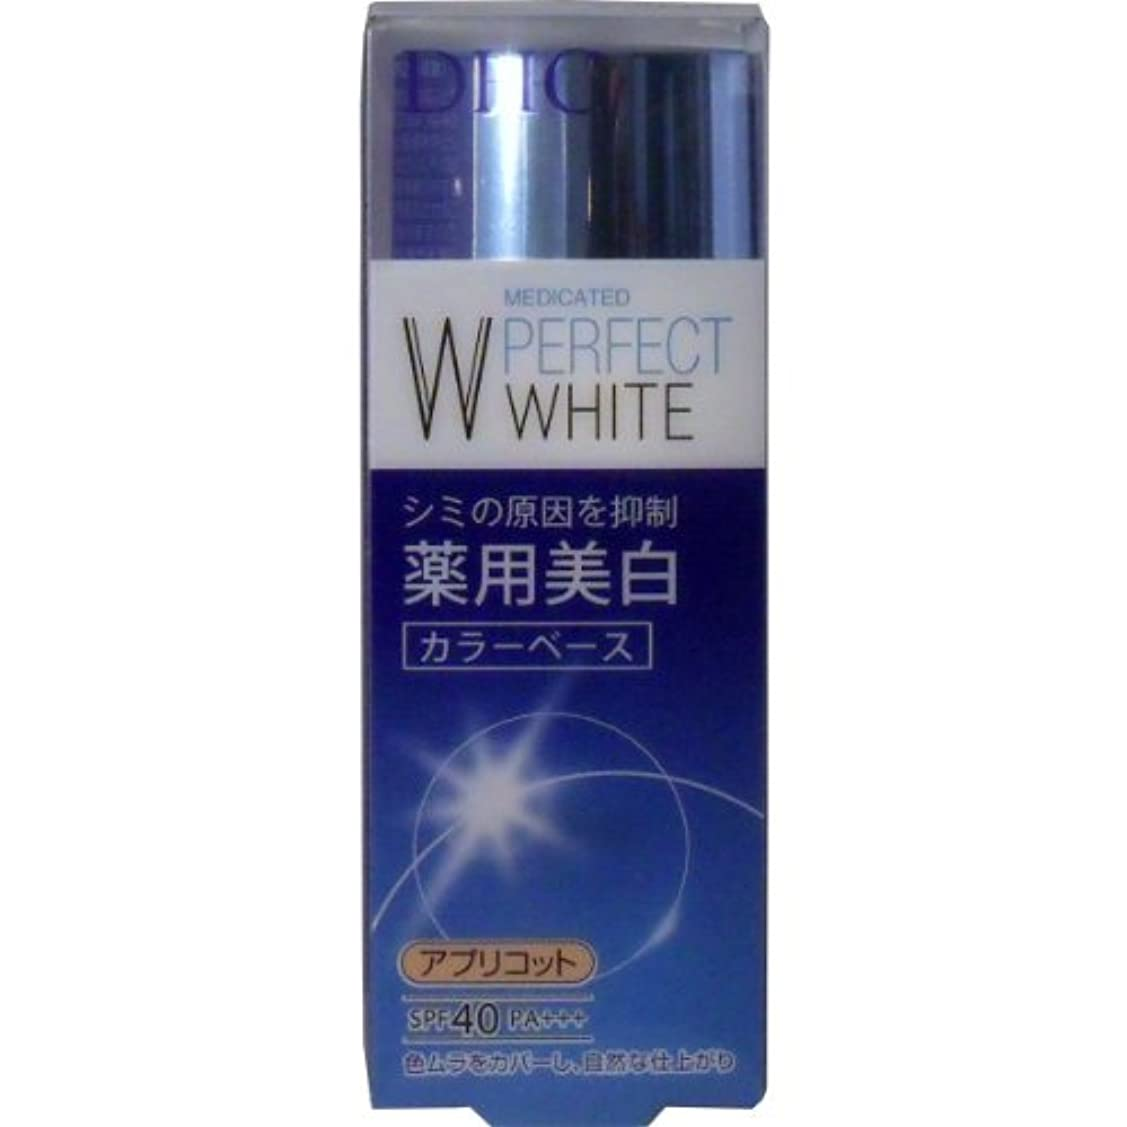 前文ダイアクリティカル受け継ぐDHC 薬用美白パーフェクトホワイト カラーベース アプリコット 30g (商品内訳:単品1個)